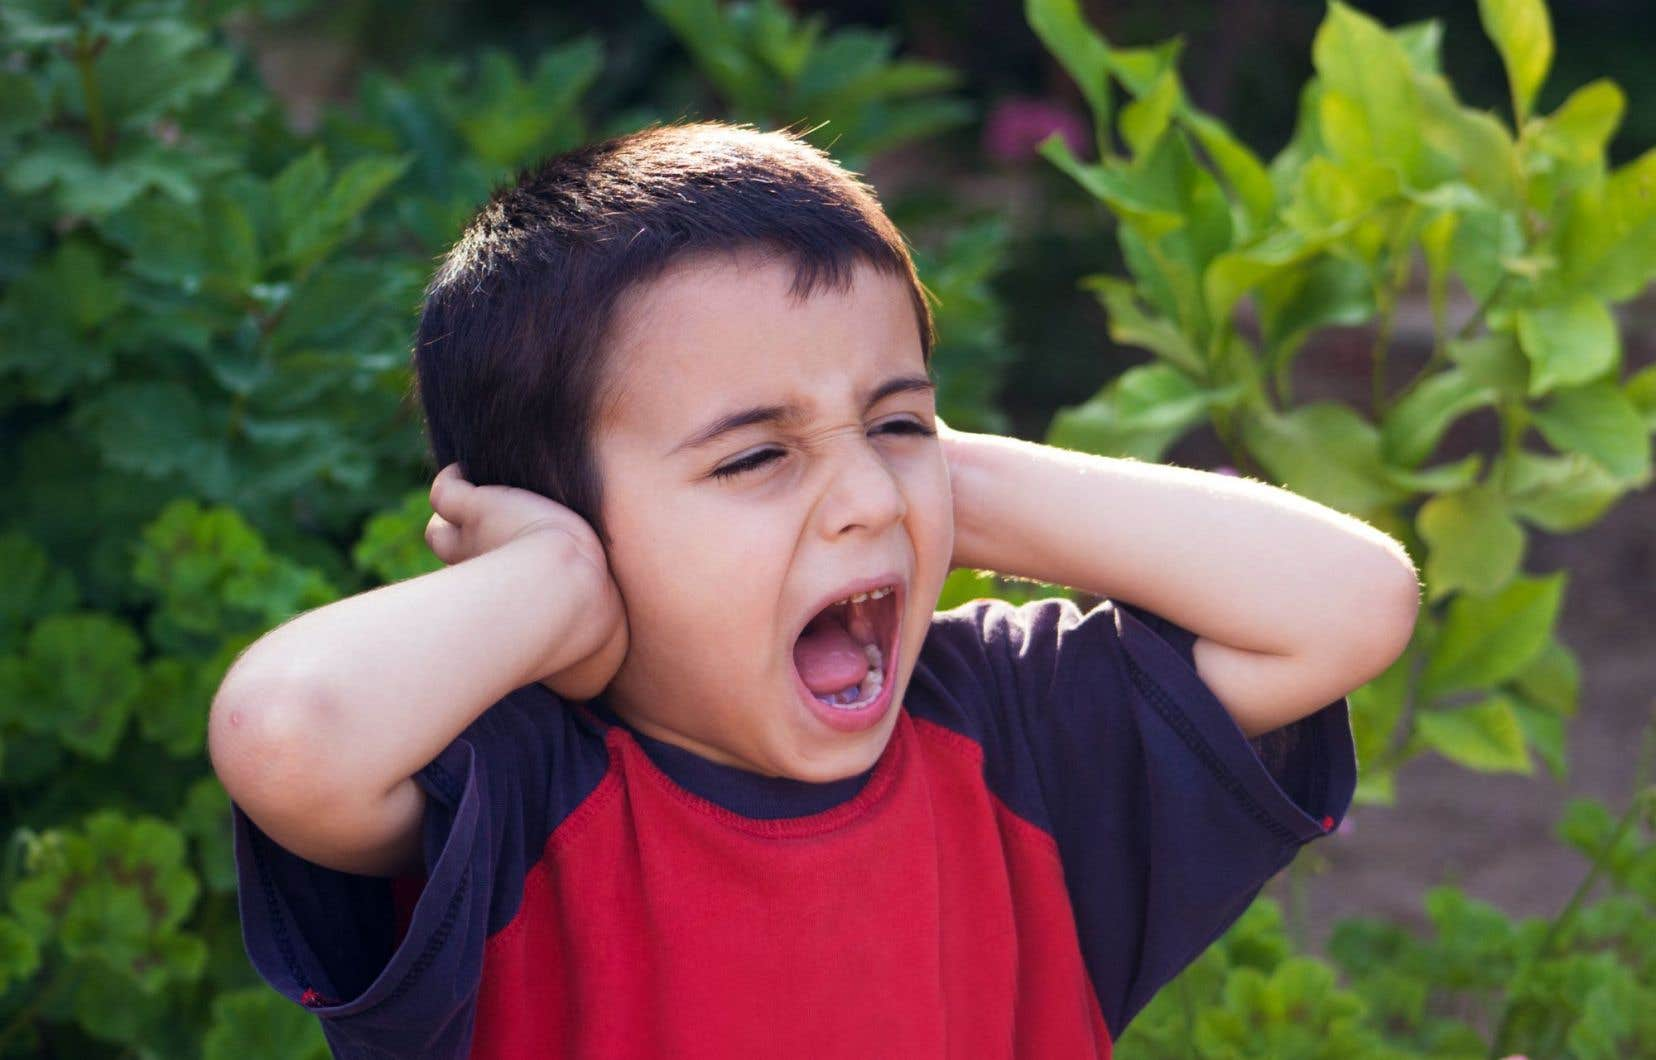 Une zone située à l'avant du cerveau, le cortex cingulaire antérieur, n'est activée que chez les non-entendeurs de voix.